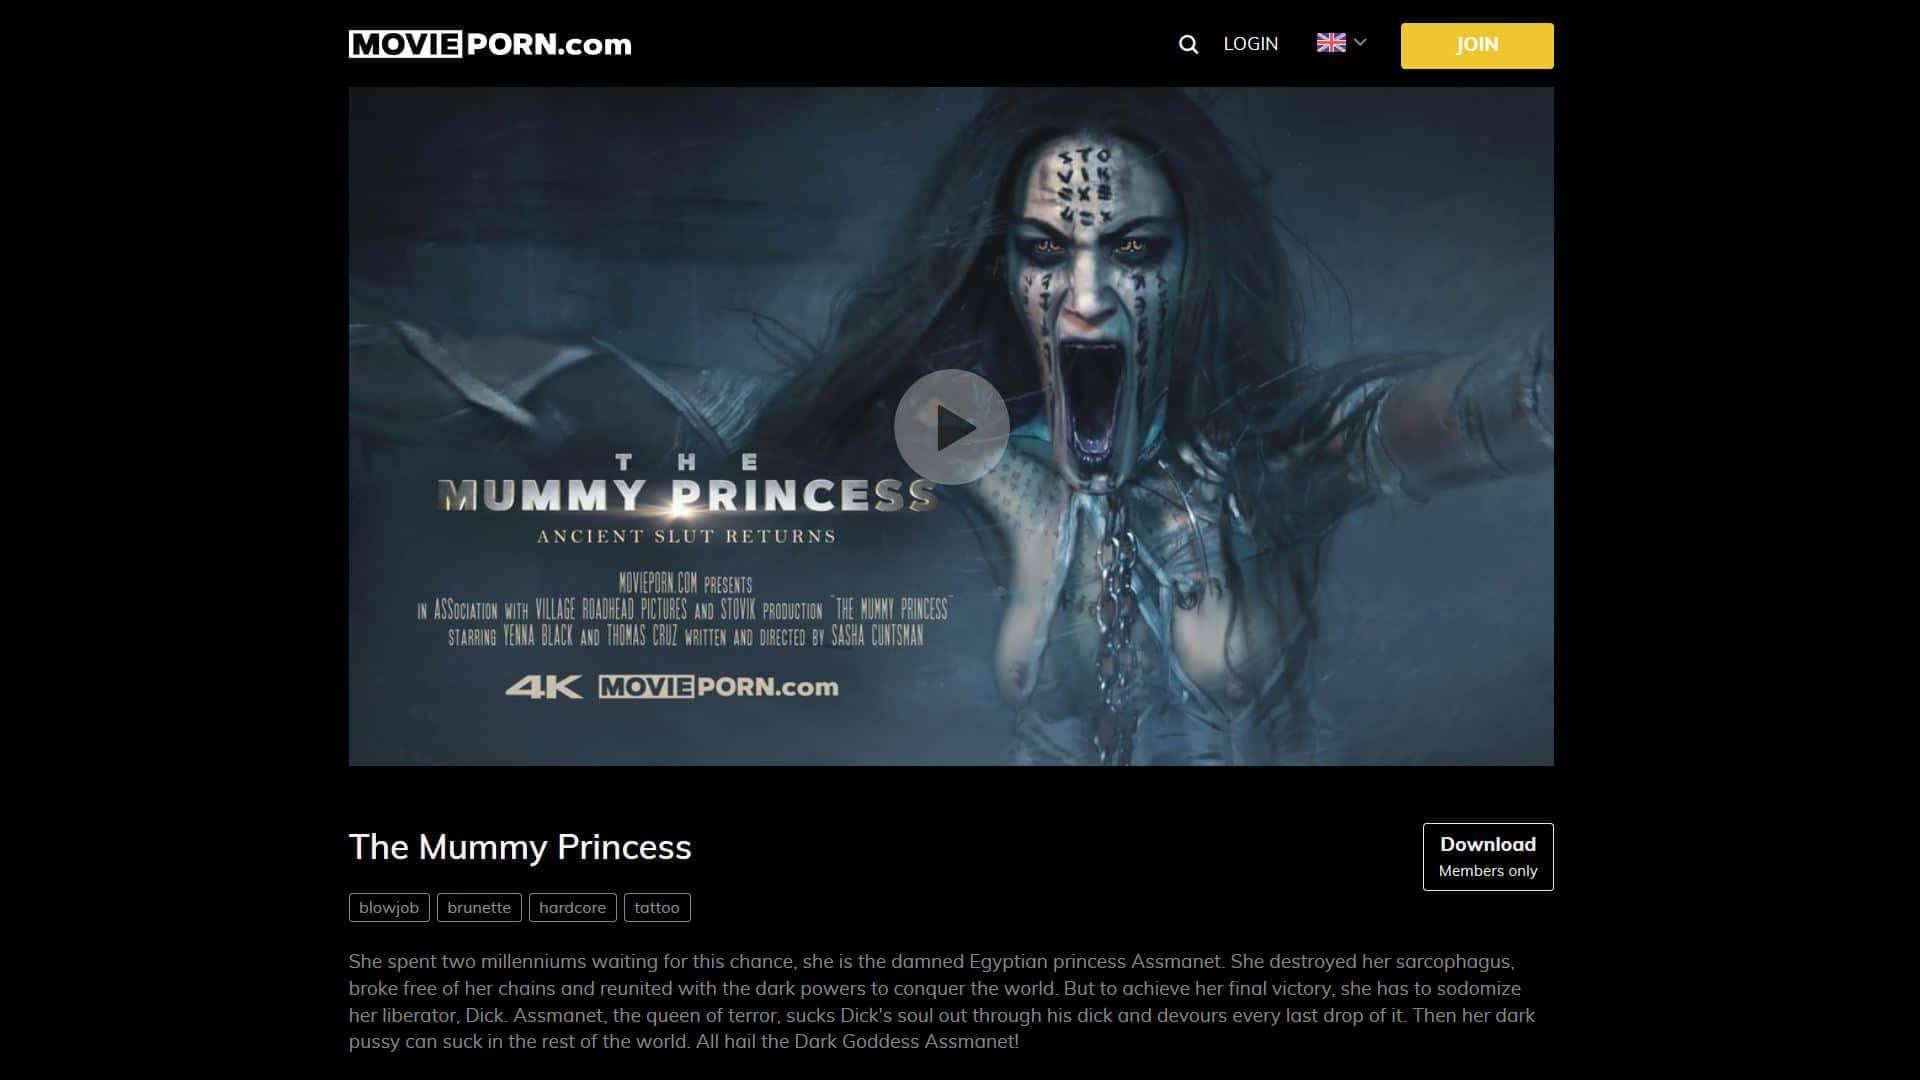 MoviePorn The Mummy Princess